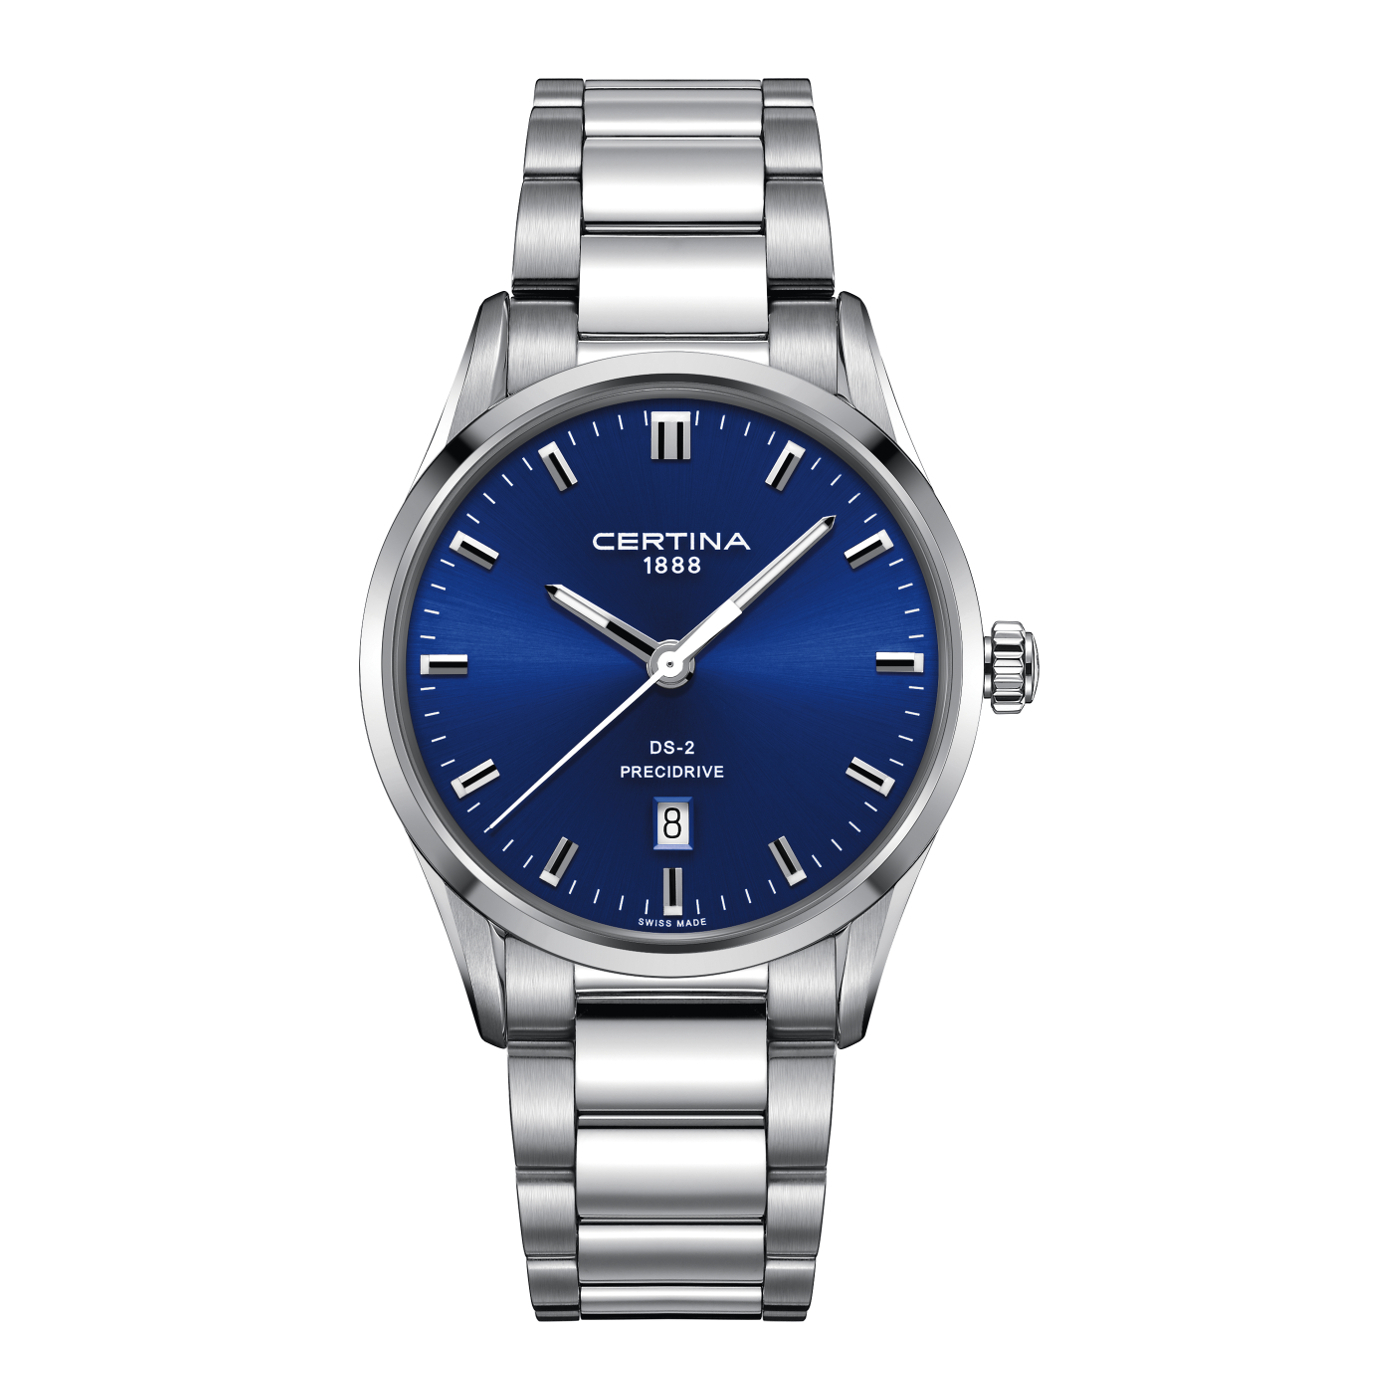 Afbeelding van Certina Sport DS 2 horloge C024.410.11.041.20